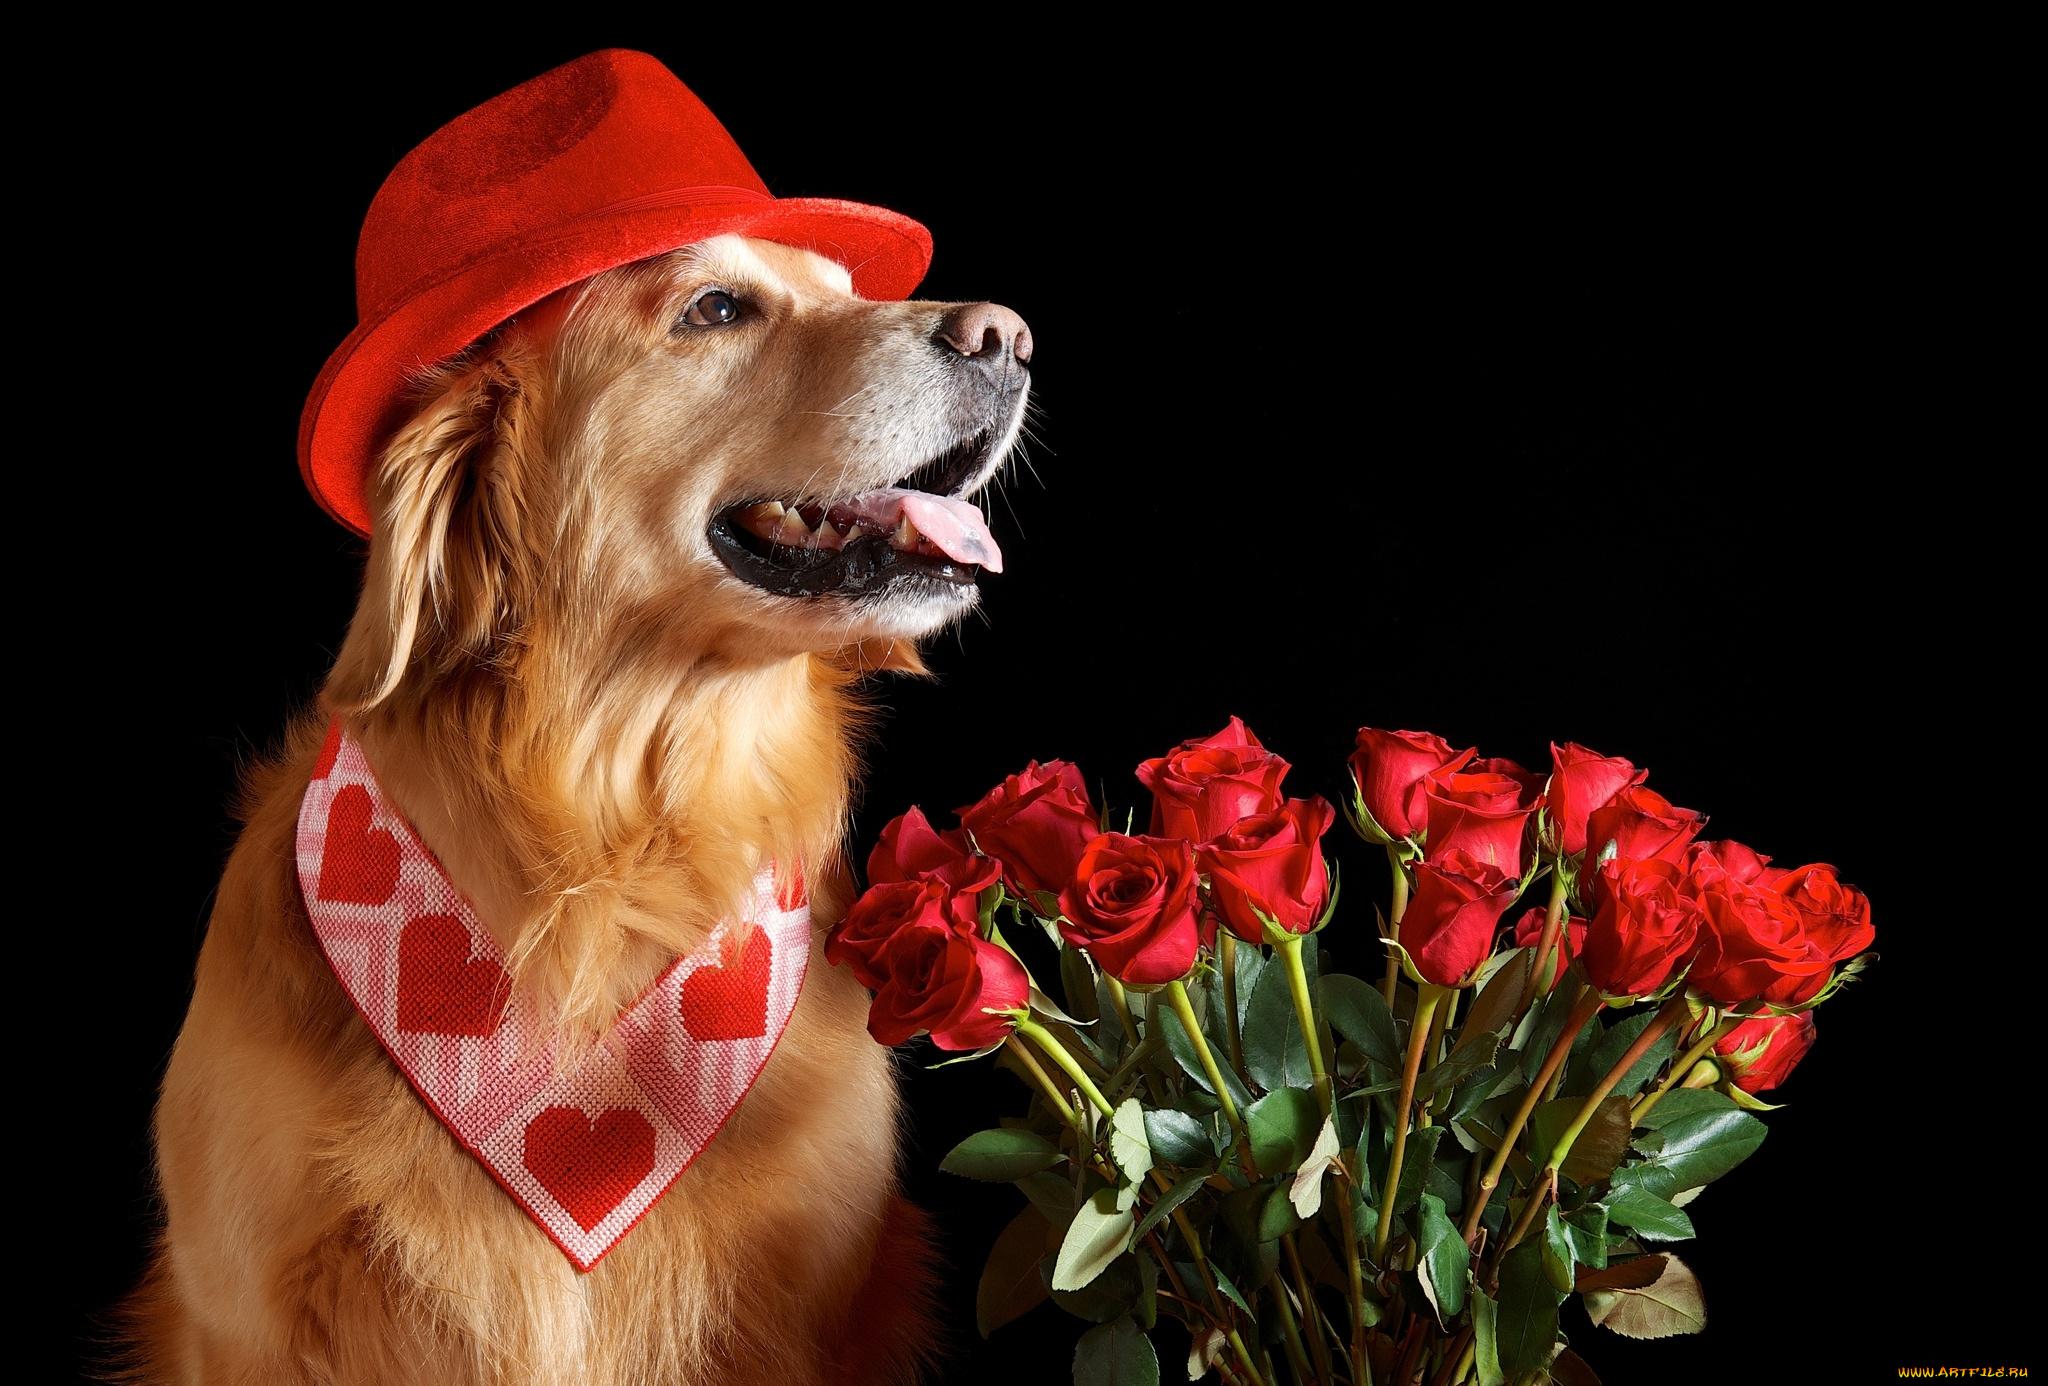 розы картинки с собаками шаги обратном пути